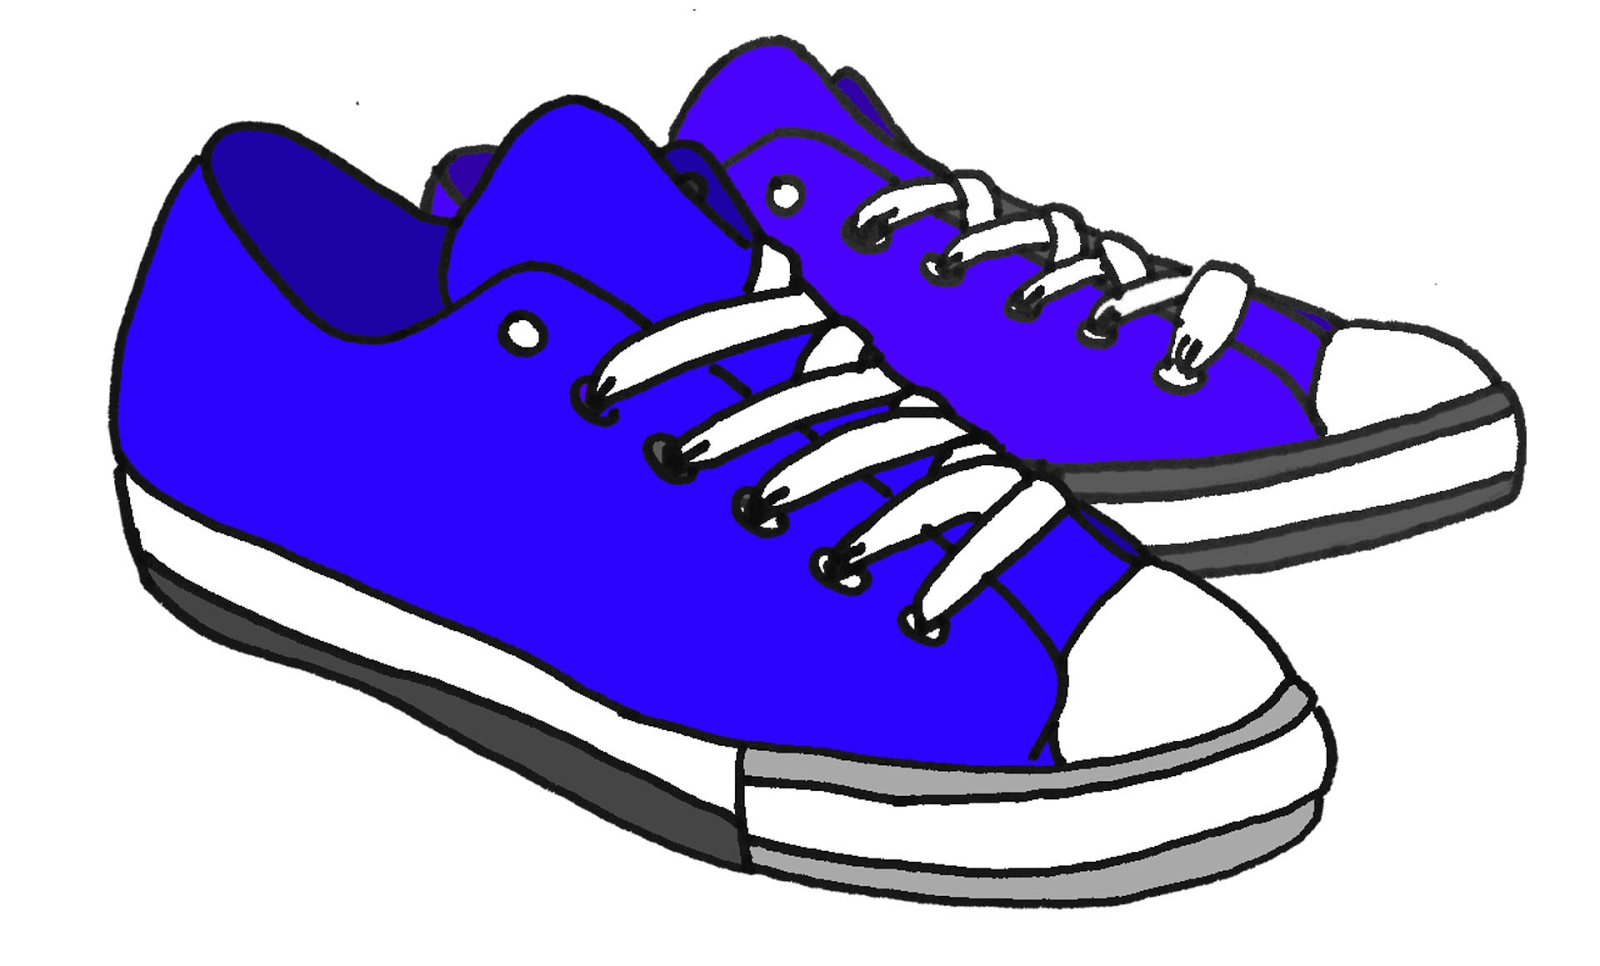 Shoe Clipart 3-Shoe clipart 3-10